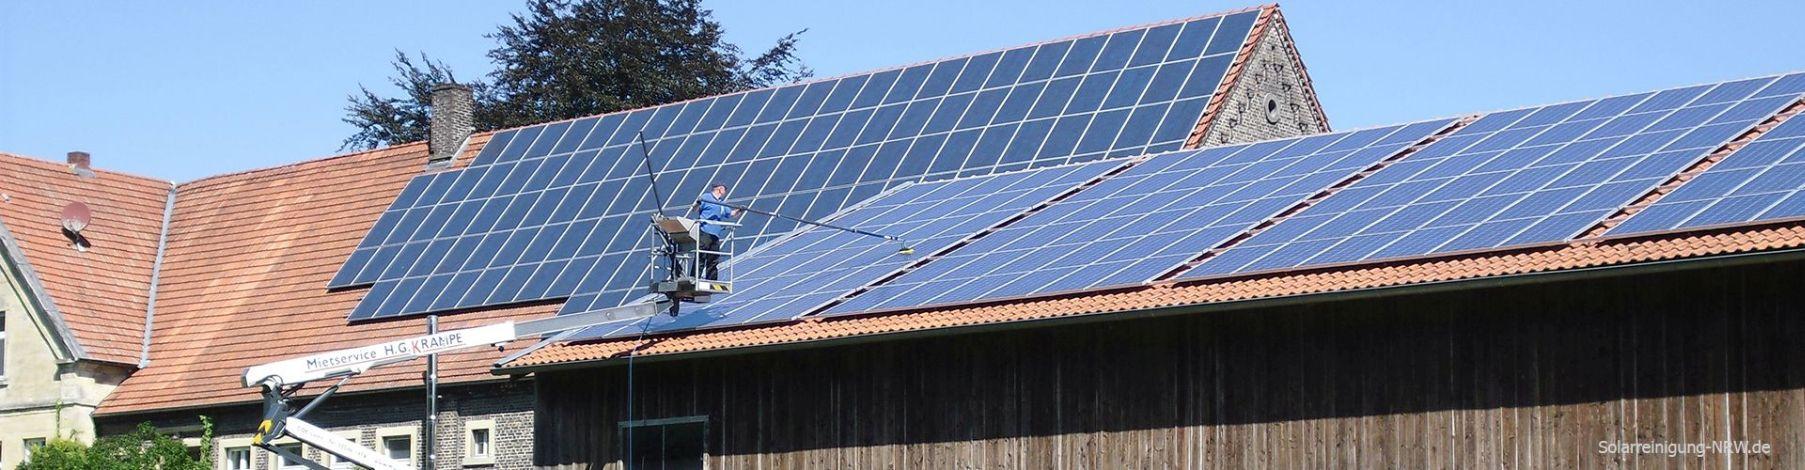 Solarreinigung NRW – Solarreinigung Münster